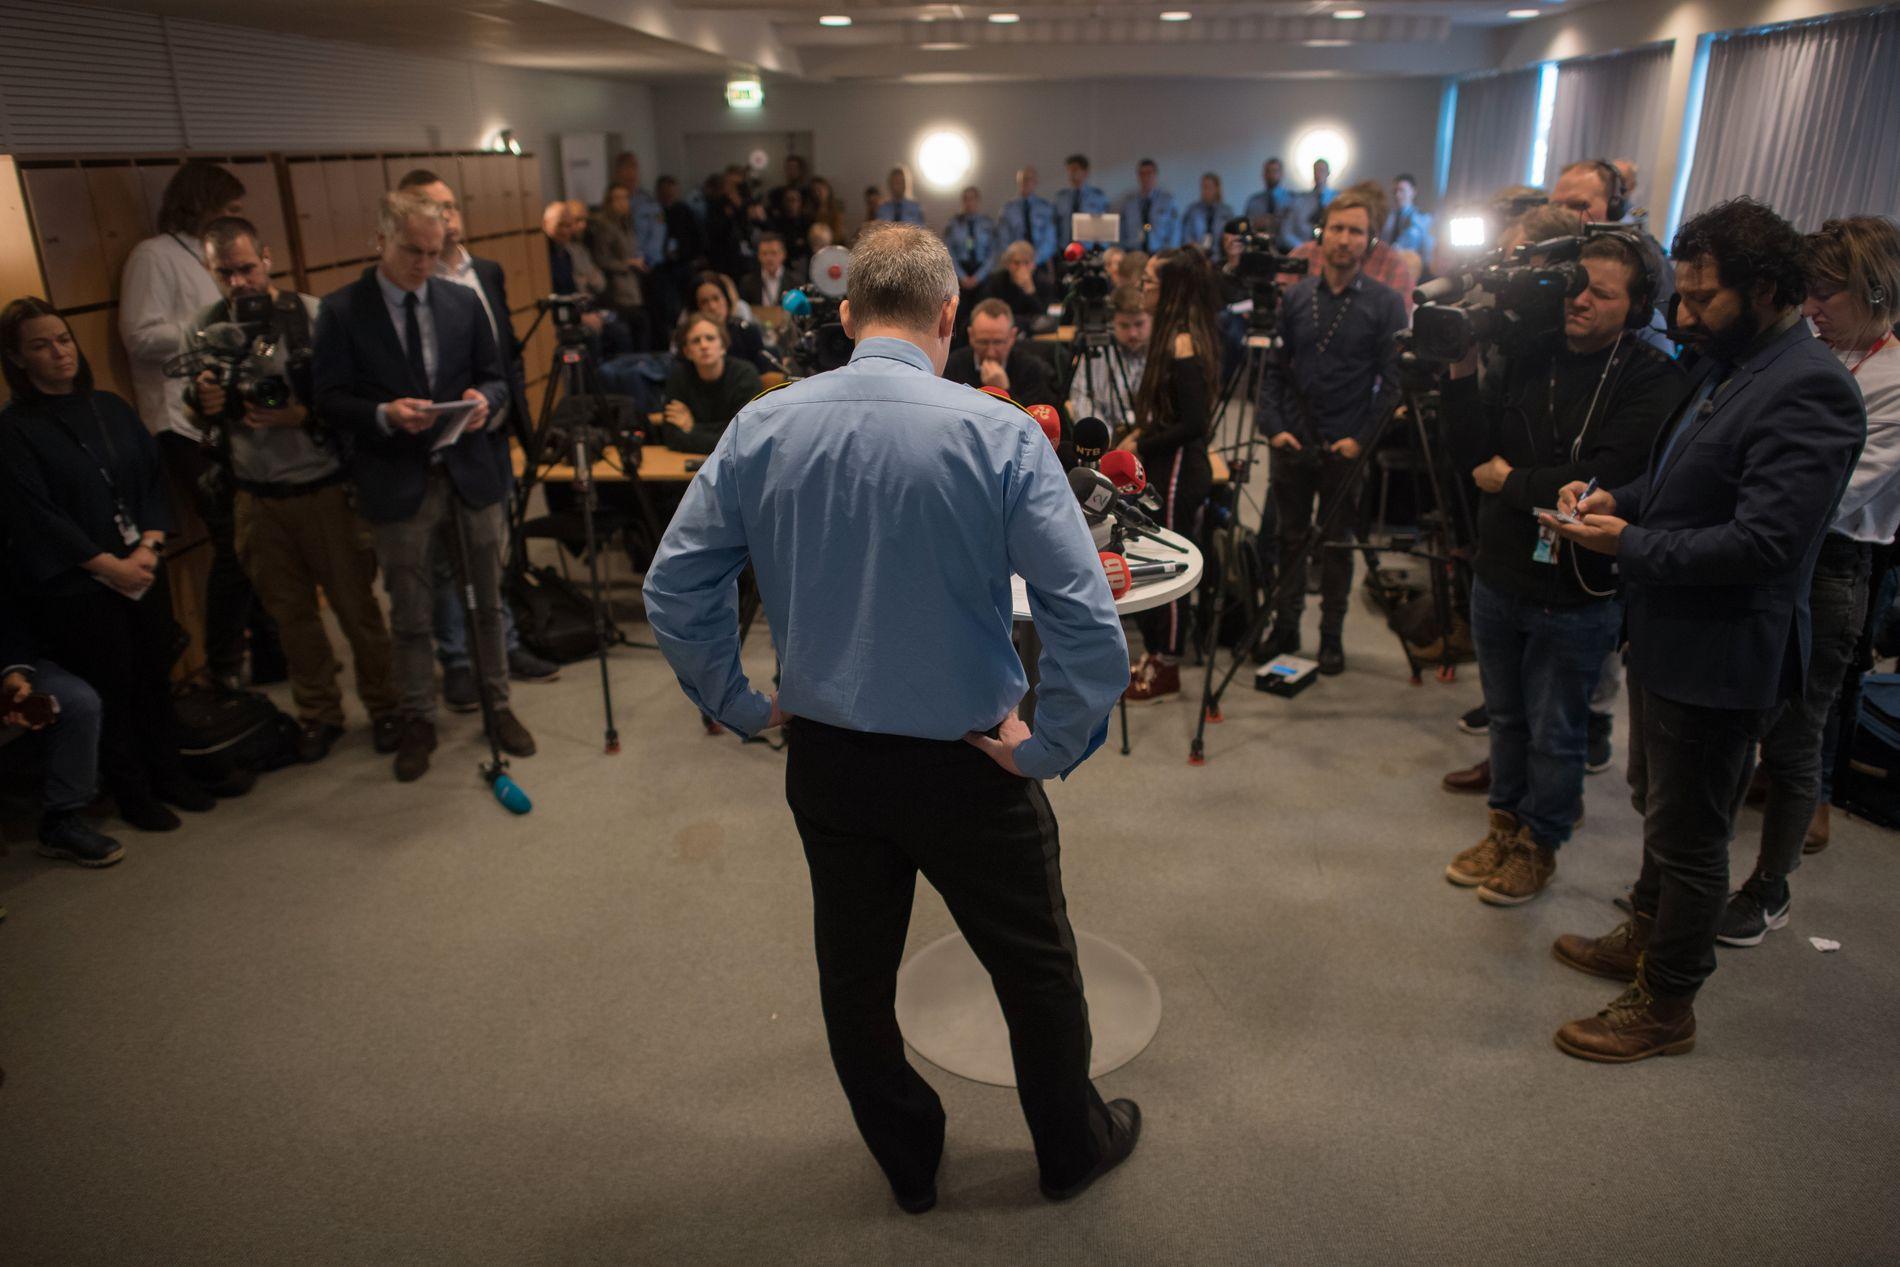 FØRSTE PRESSEKONFERANSE: Slik så det ut i parolesalen på Lillestrøm politistasjon da politiinspektør Tommy Brøske i Øst politidistrikt gikk ut med nyheten om kidnappingssaken.